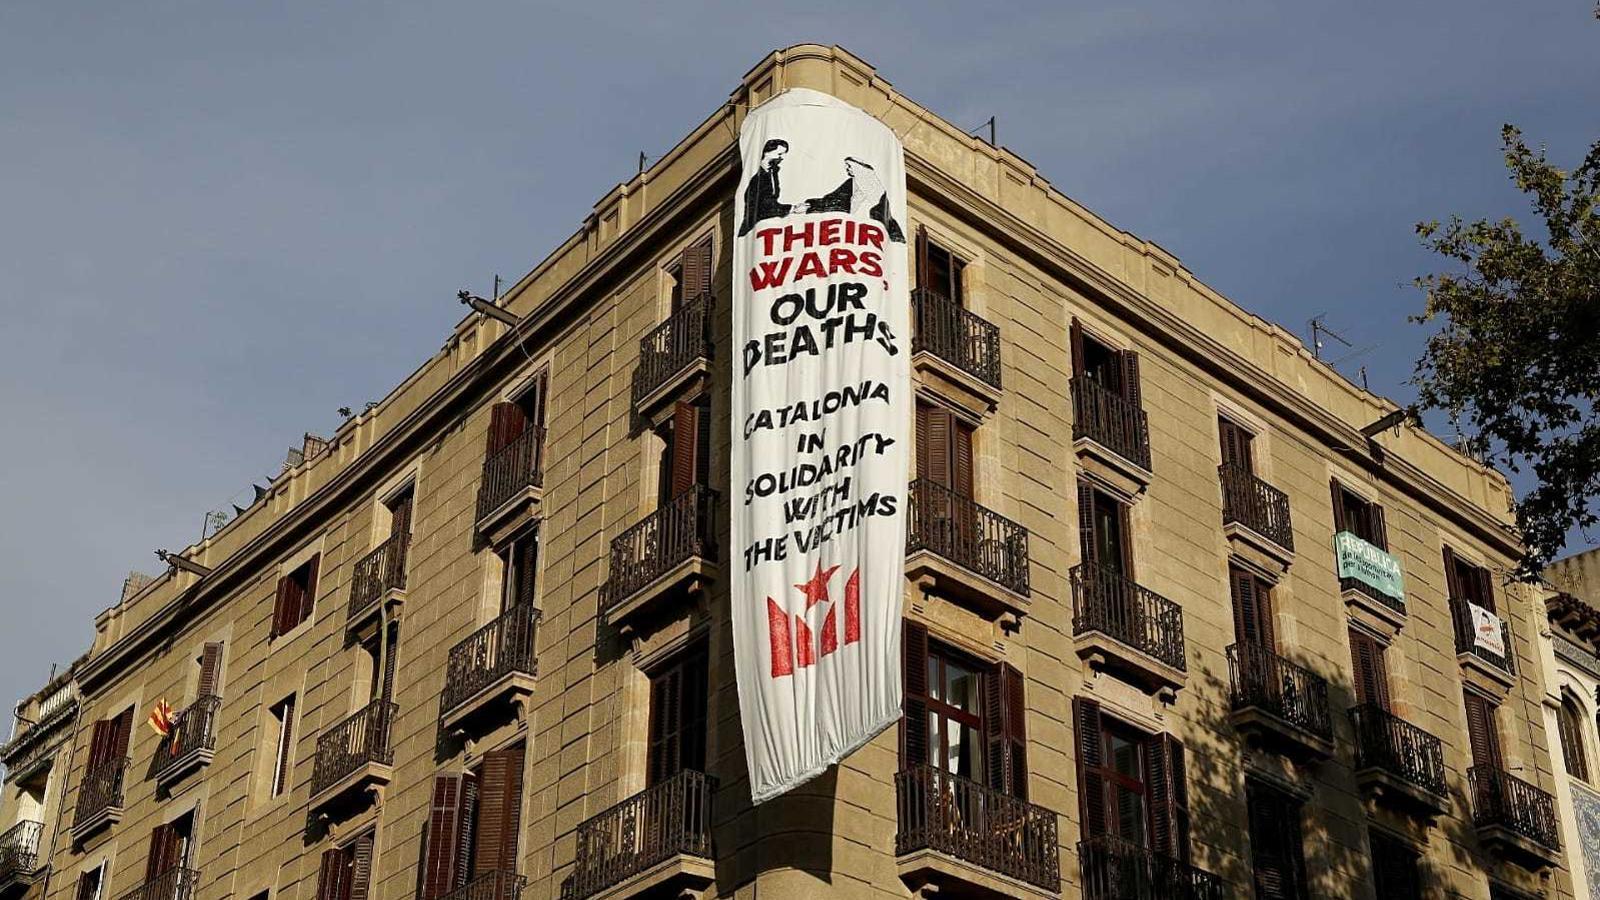 La segona pancarta critica el comerç d'armes d'Espanya amb l'Aràbia Saudita